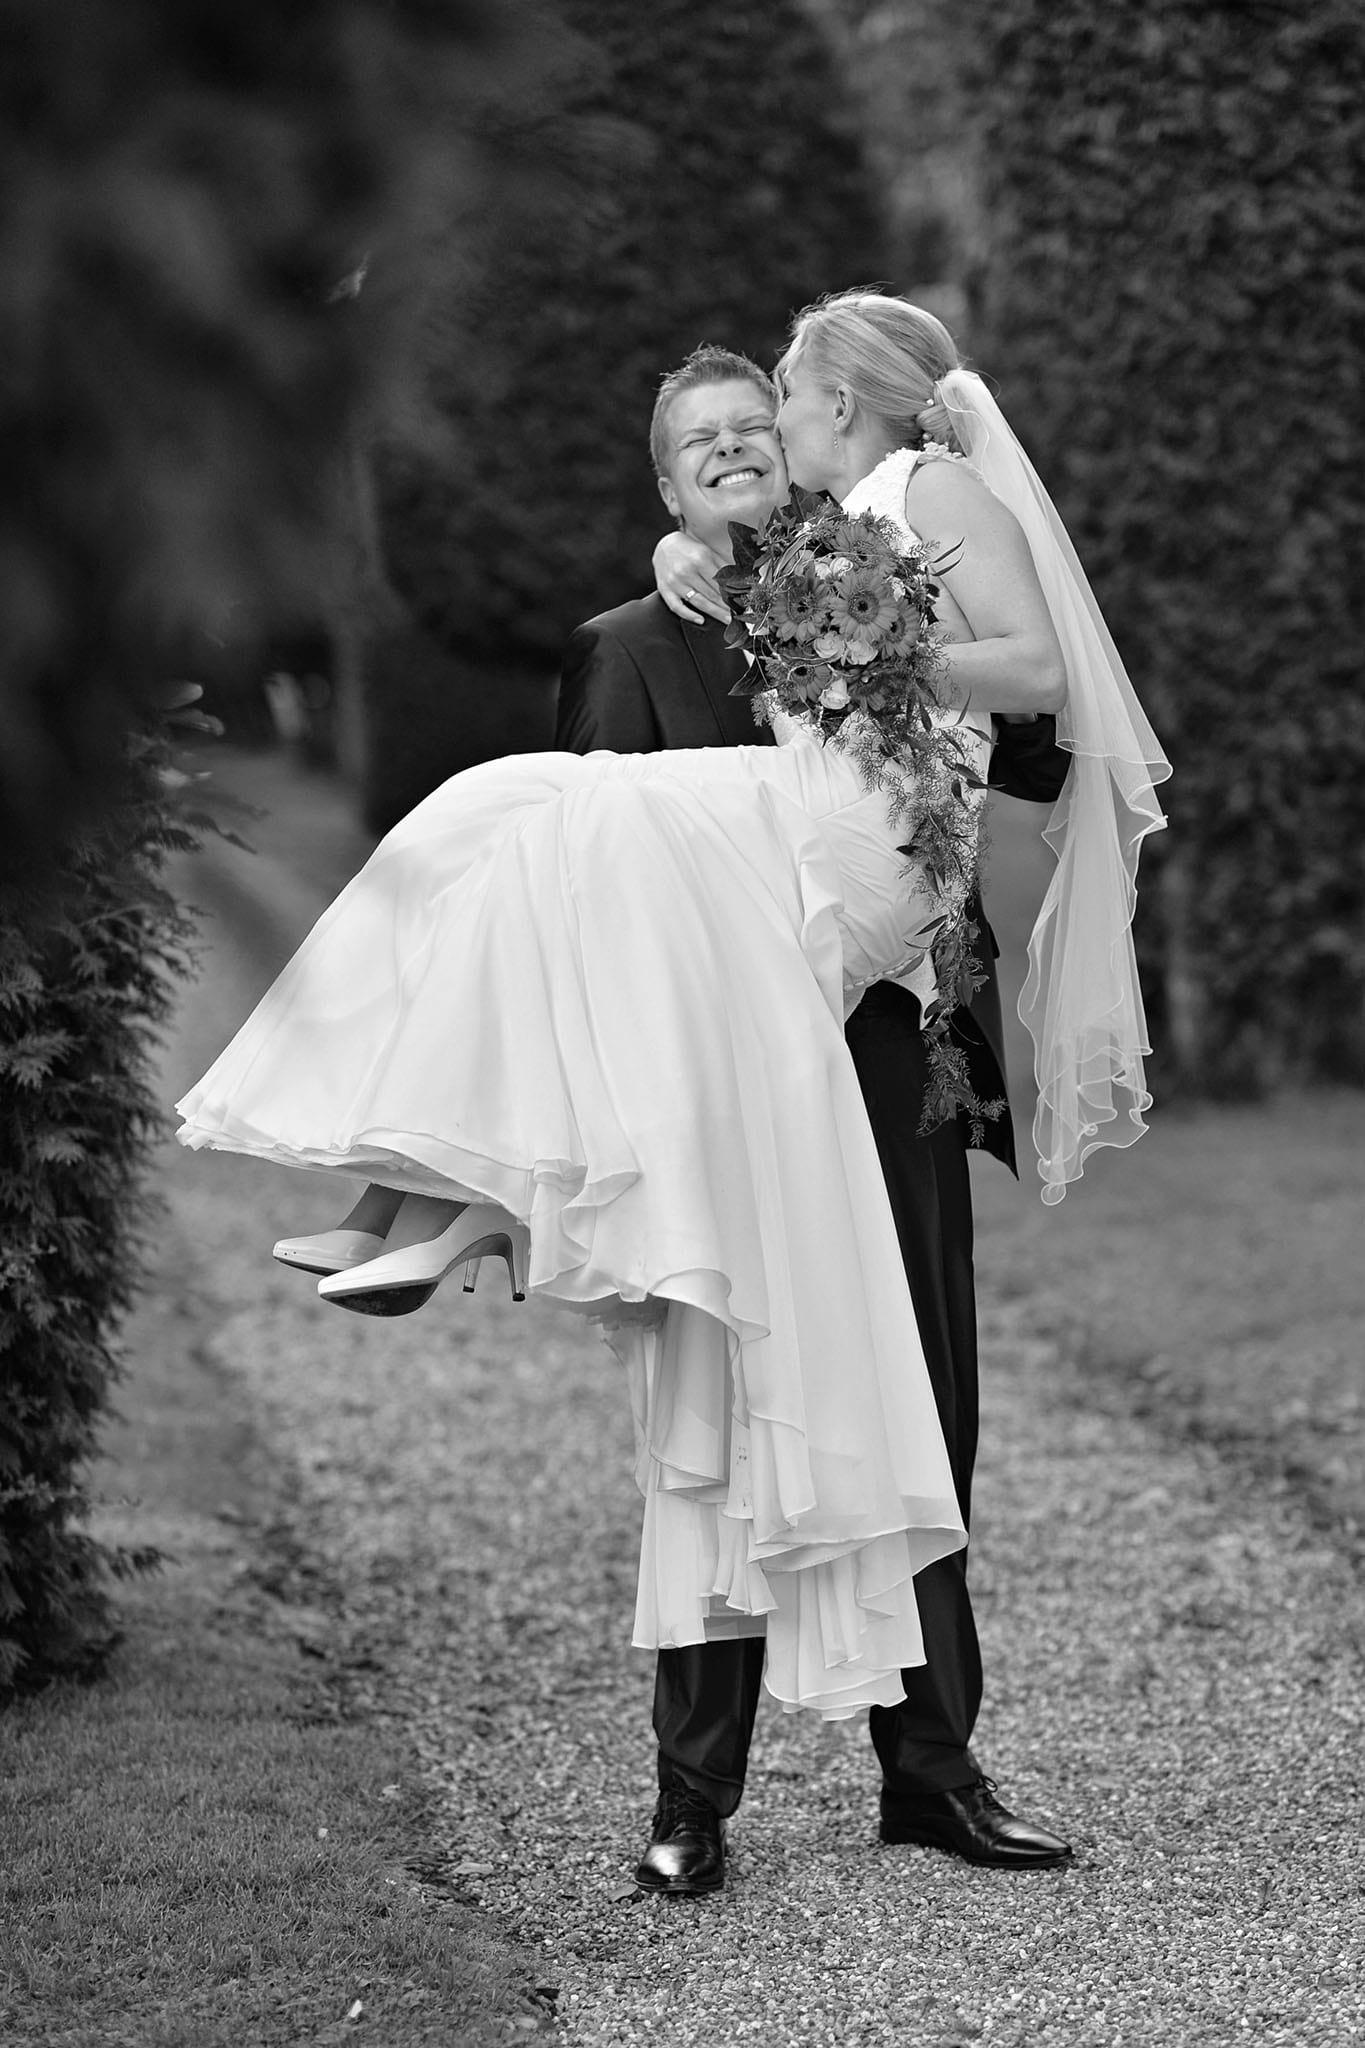 Hochzeit 029 Brautpaar Braut Bräutigam Hochzeit heiraten Park küssen Brautstrauß Hochzeitsfoto Hochzeitsfotografie Daniel Fuss Fotografie